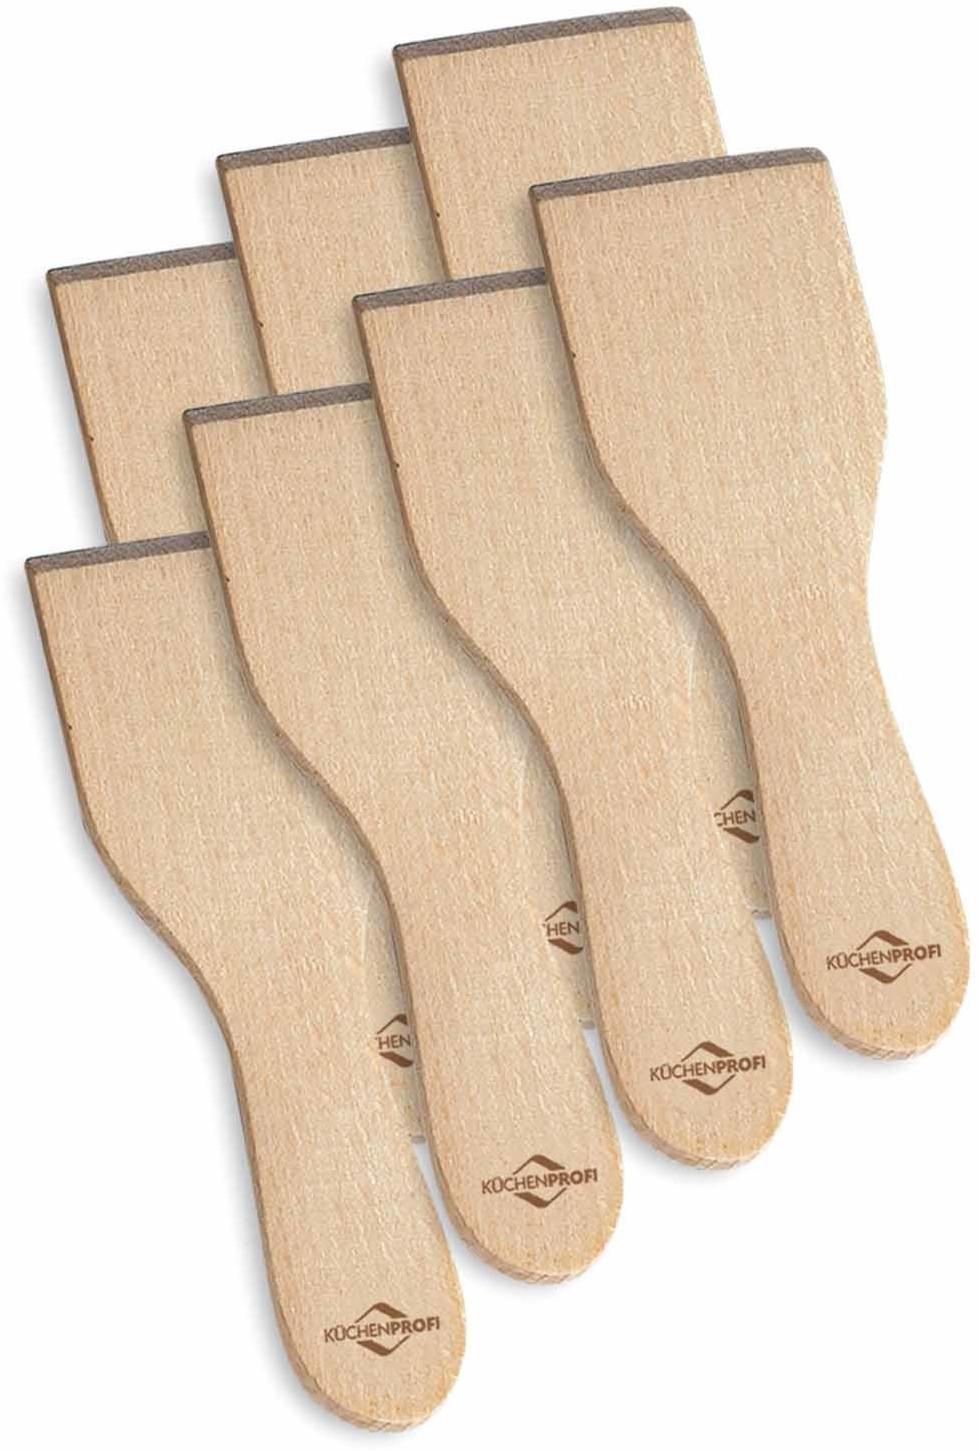 Küchenprofi Raclette-Schaber 8er-Set Holz